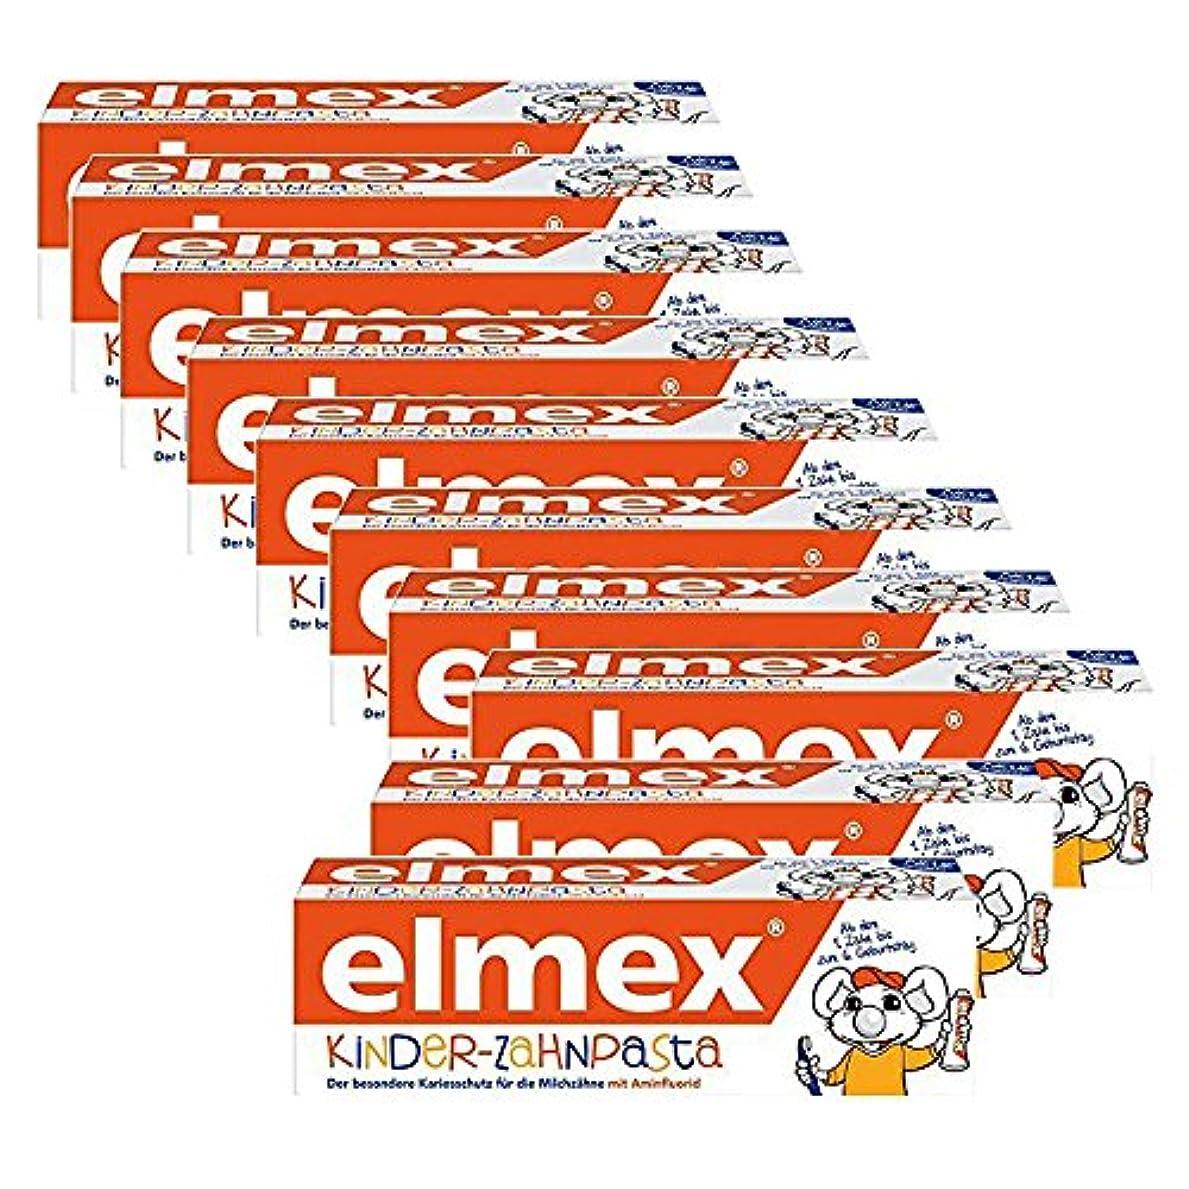 話をするウォルターカニンガム悪夢ELMEX 子供の歯磨き粉 Toothpaste Children Kids 0-6 Years Old-50ml(10 Pack) [並行輸入品]